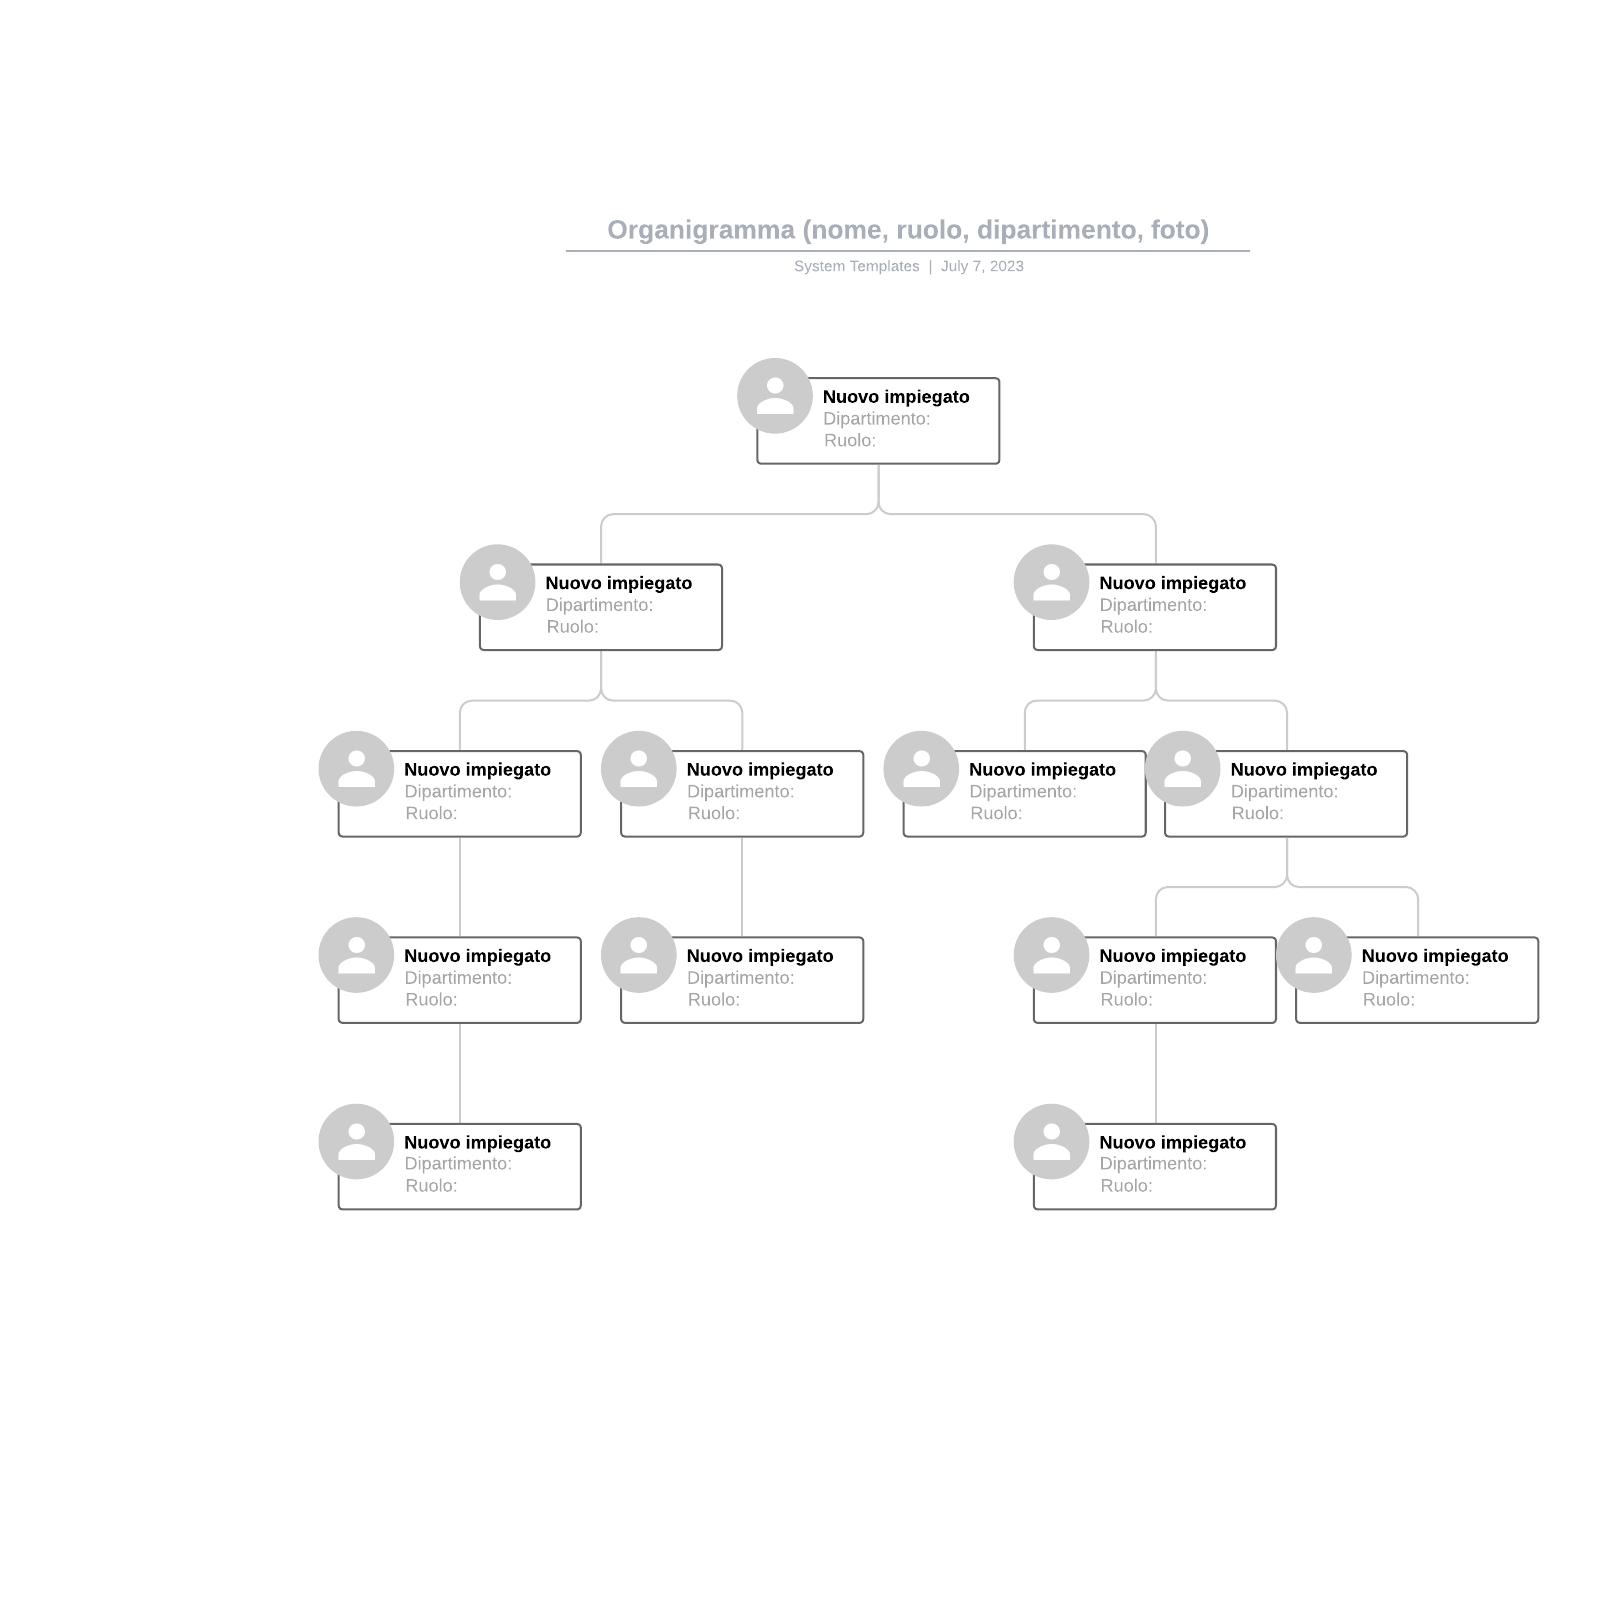 Organigramma (nome, ruolo, dipartimento, foto)